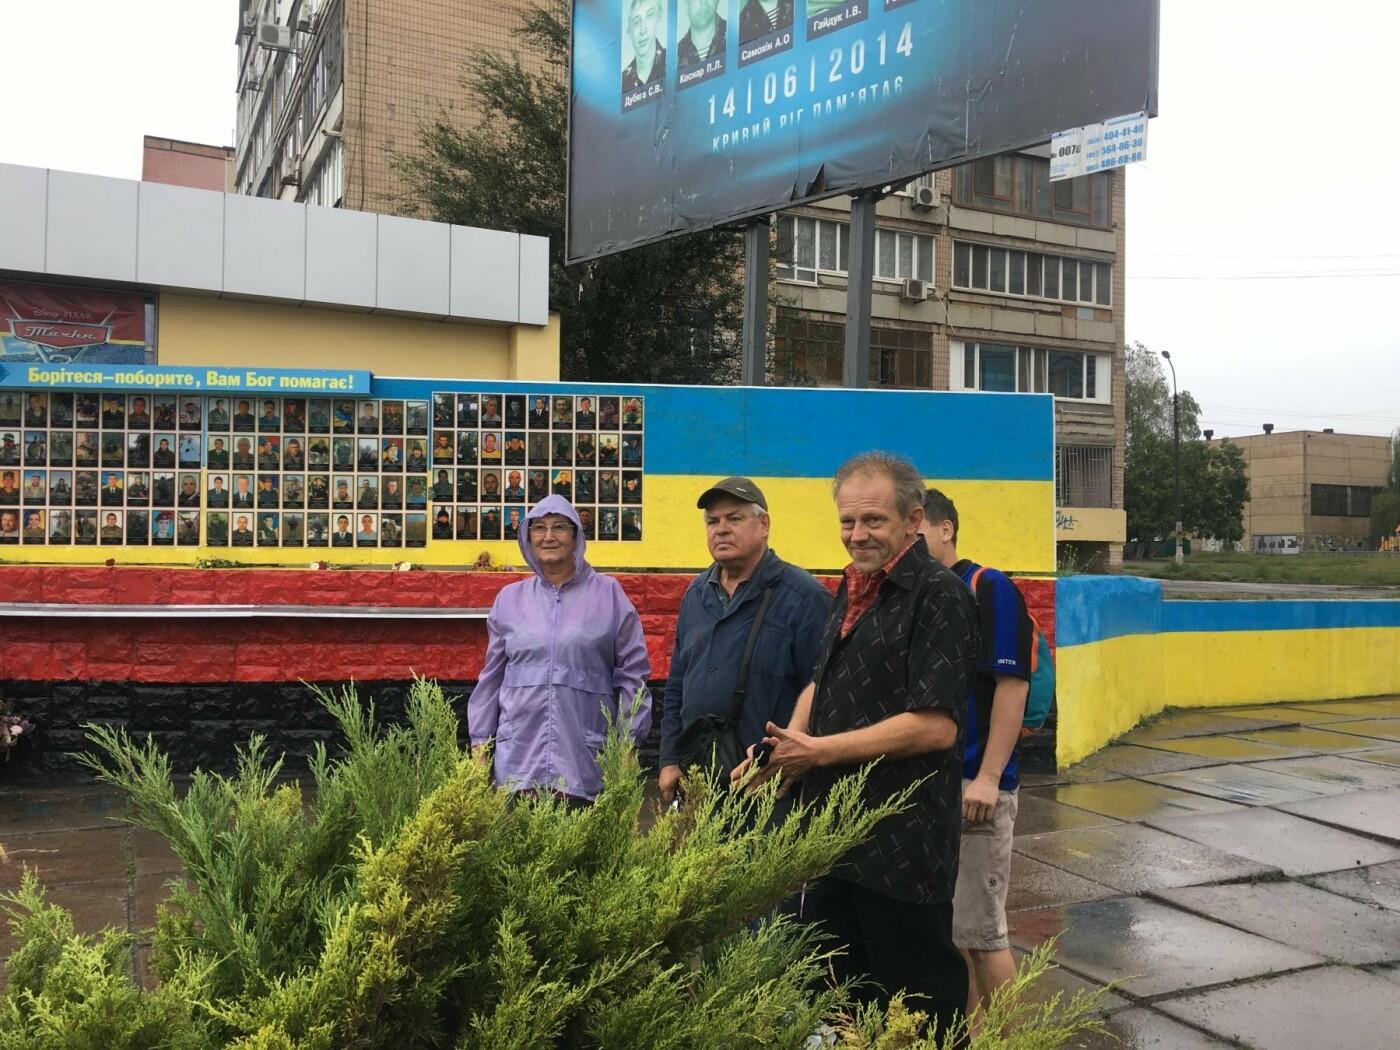 Центр Кривого Рога раскрашивают в красно-черный и сине-желтый цвета, - ФОТО , фото-4